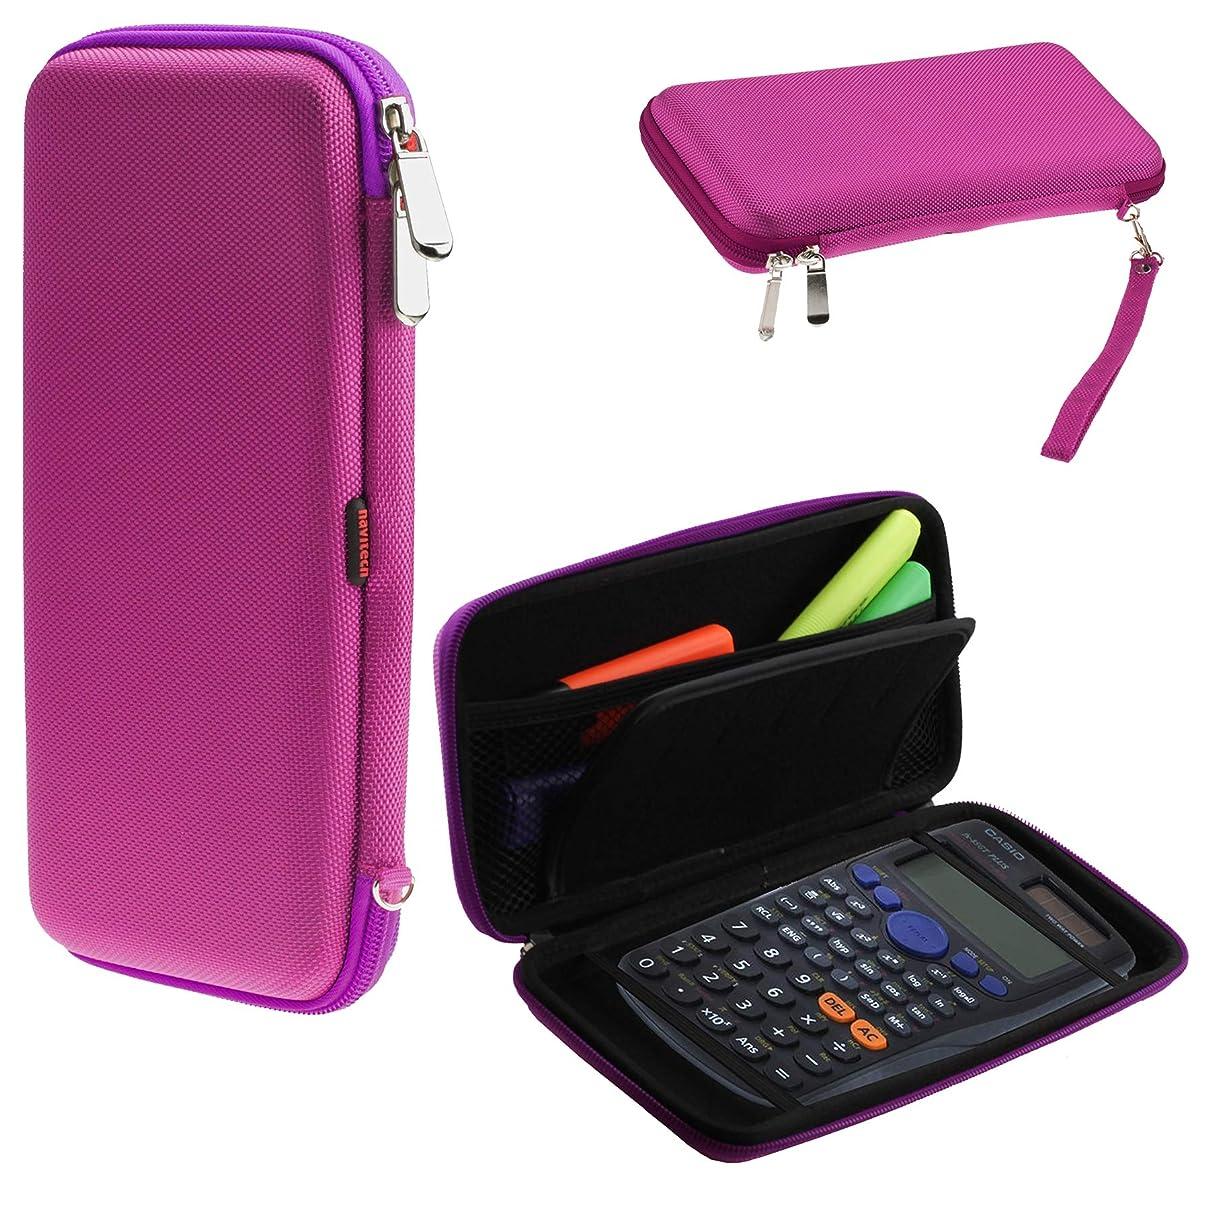 強い聴くピケNavitech パープル グラフィック 電卓 ハードケース/カバー 収納ポーチ付き Texas Instruments HP 50Gに対応